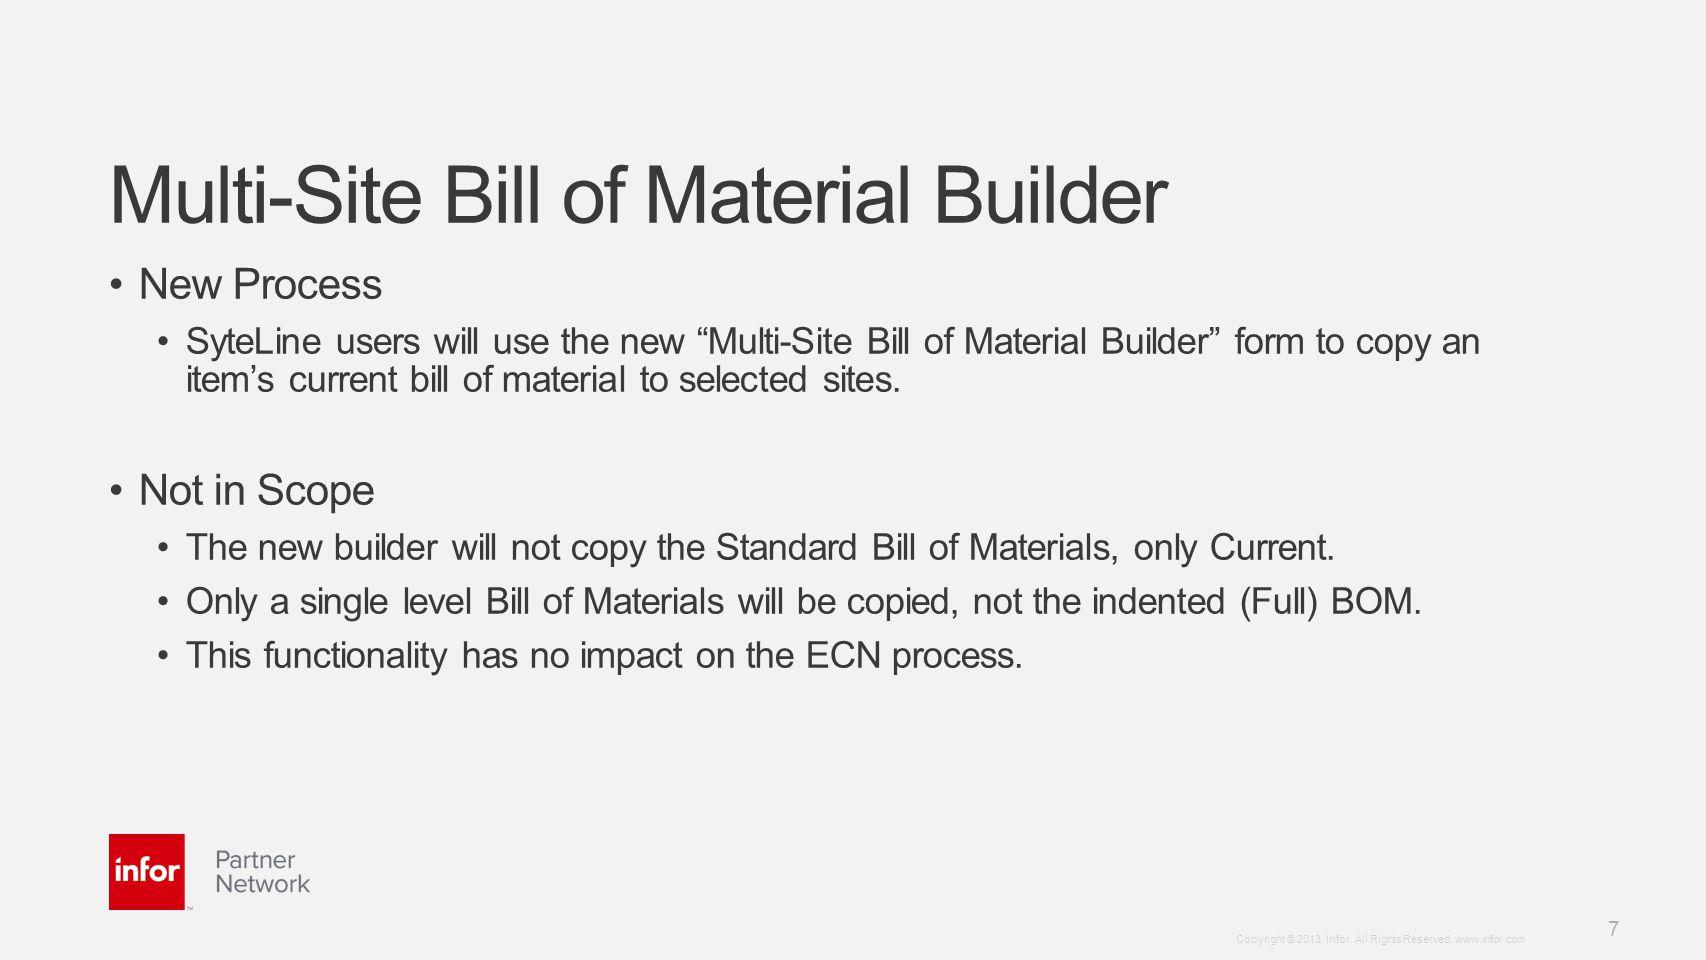 Multi-Site Bill of Material Builder